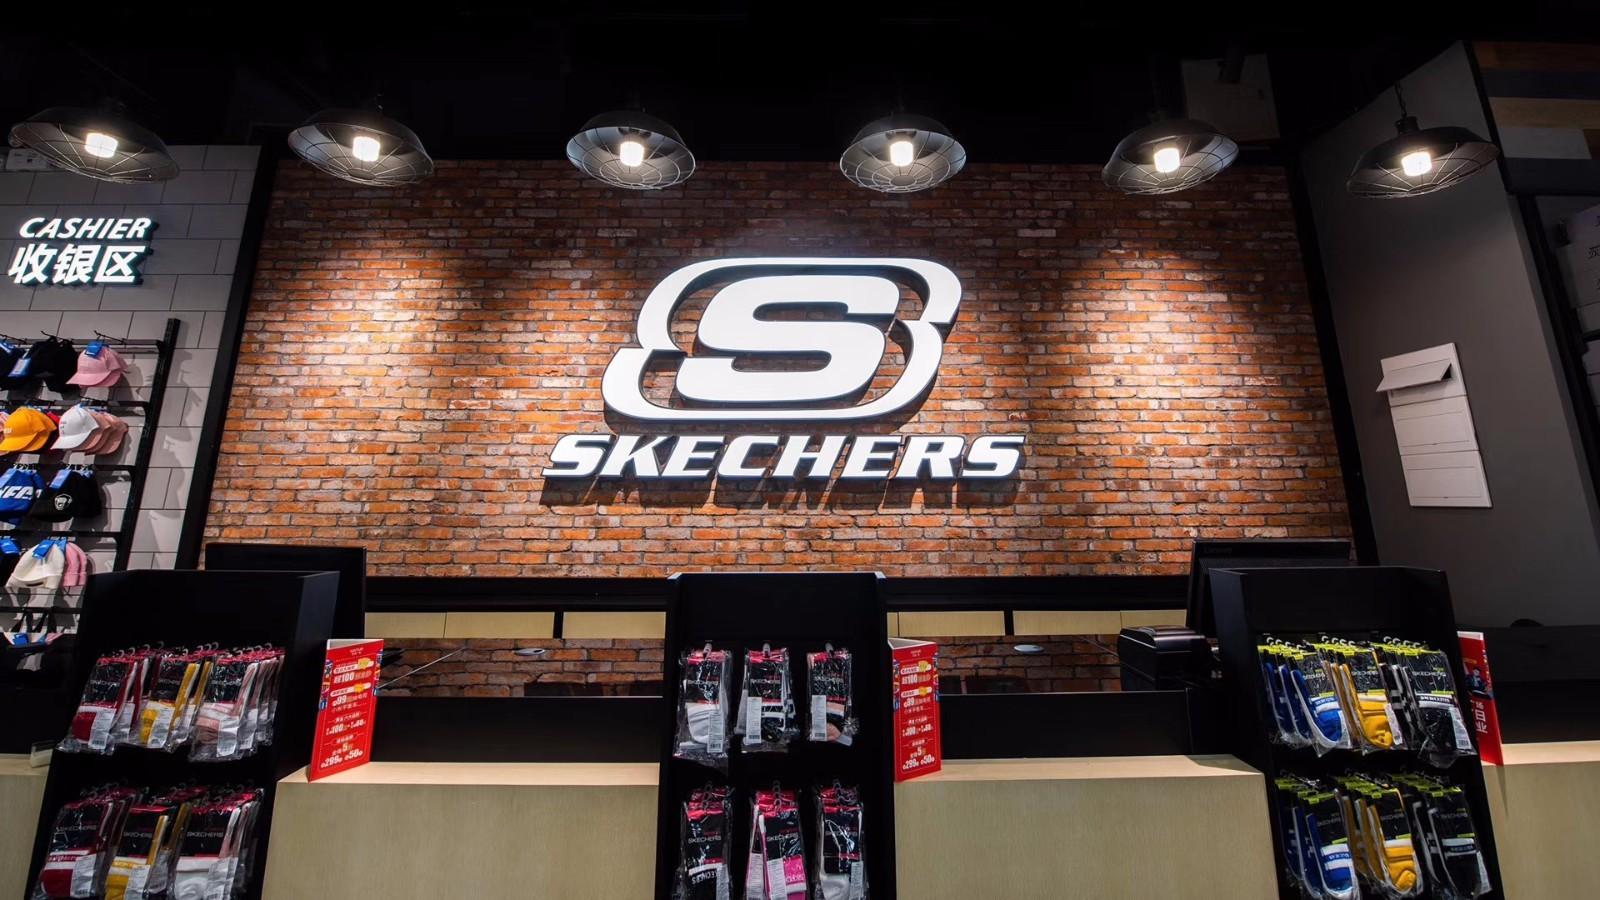 斯凯奇第二季度销售额达12.59亿美元,将加速扩张三四线城市